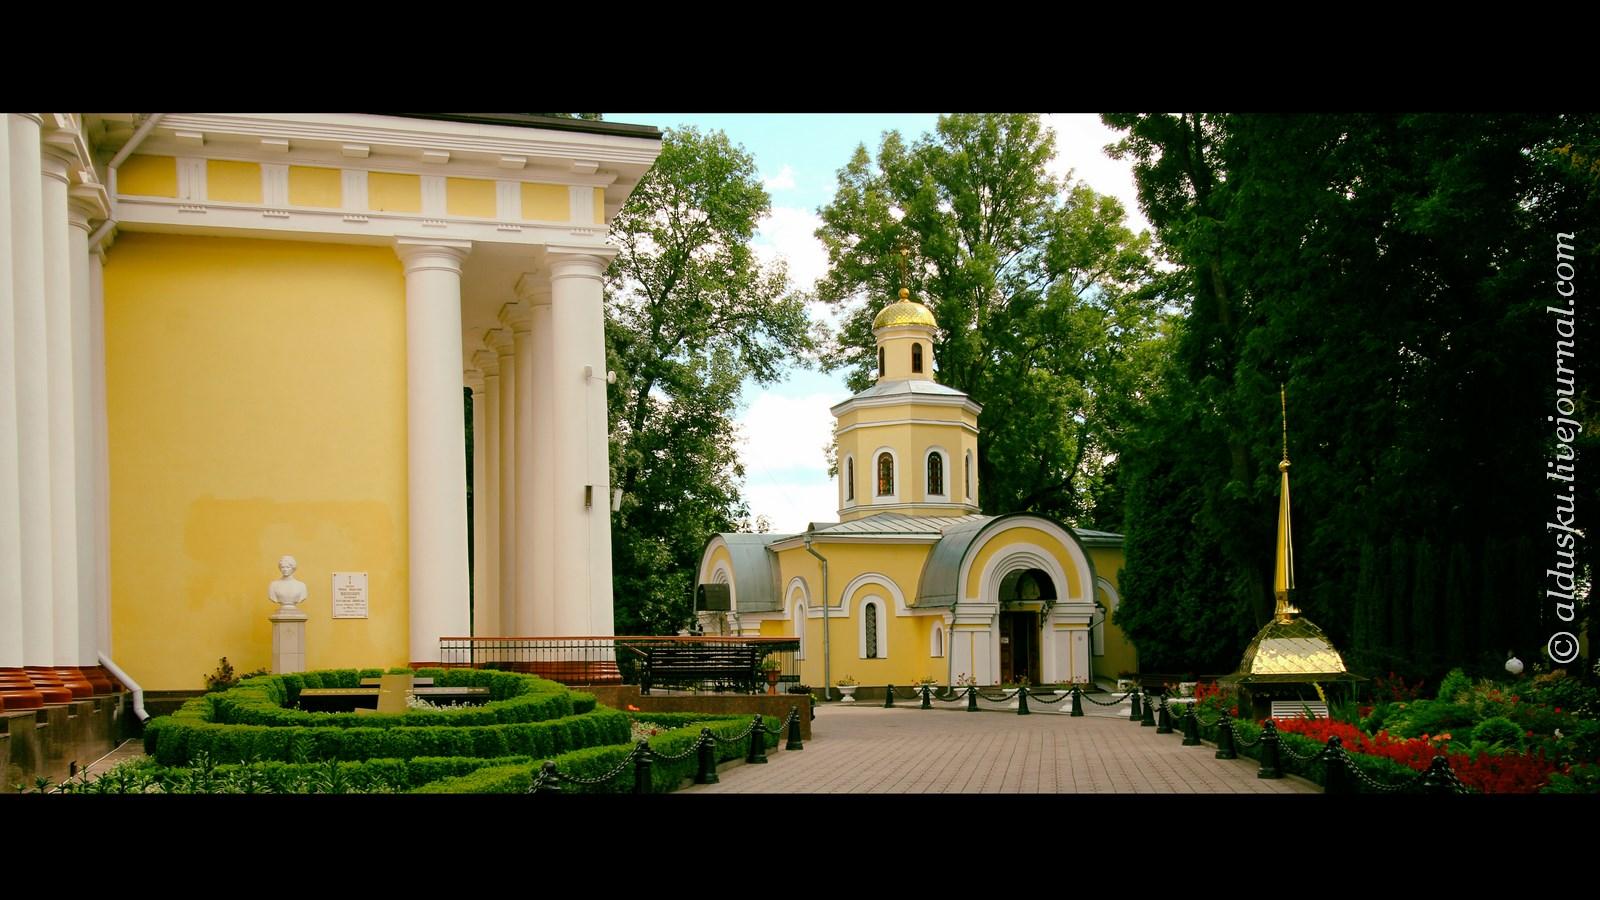 Вдали крестильный храм